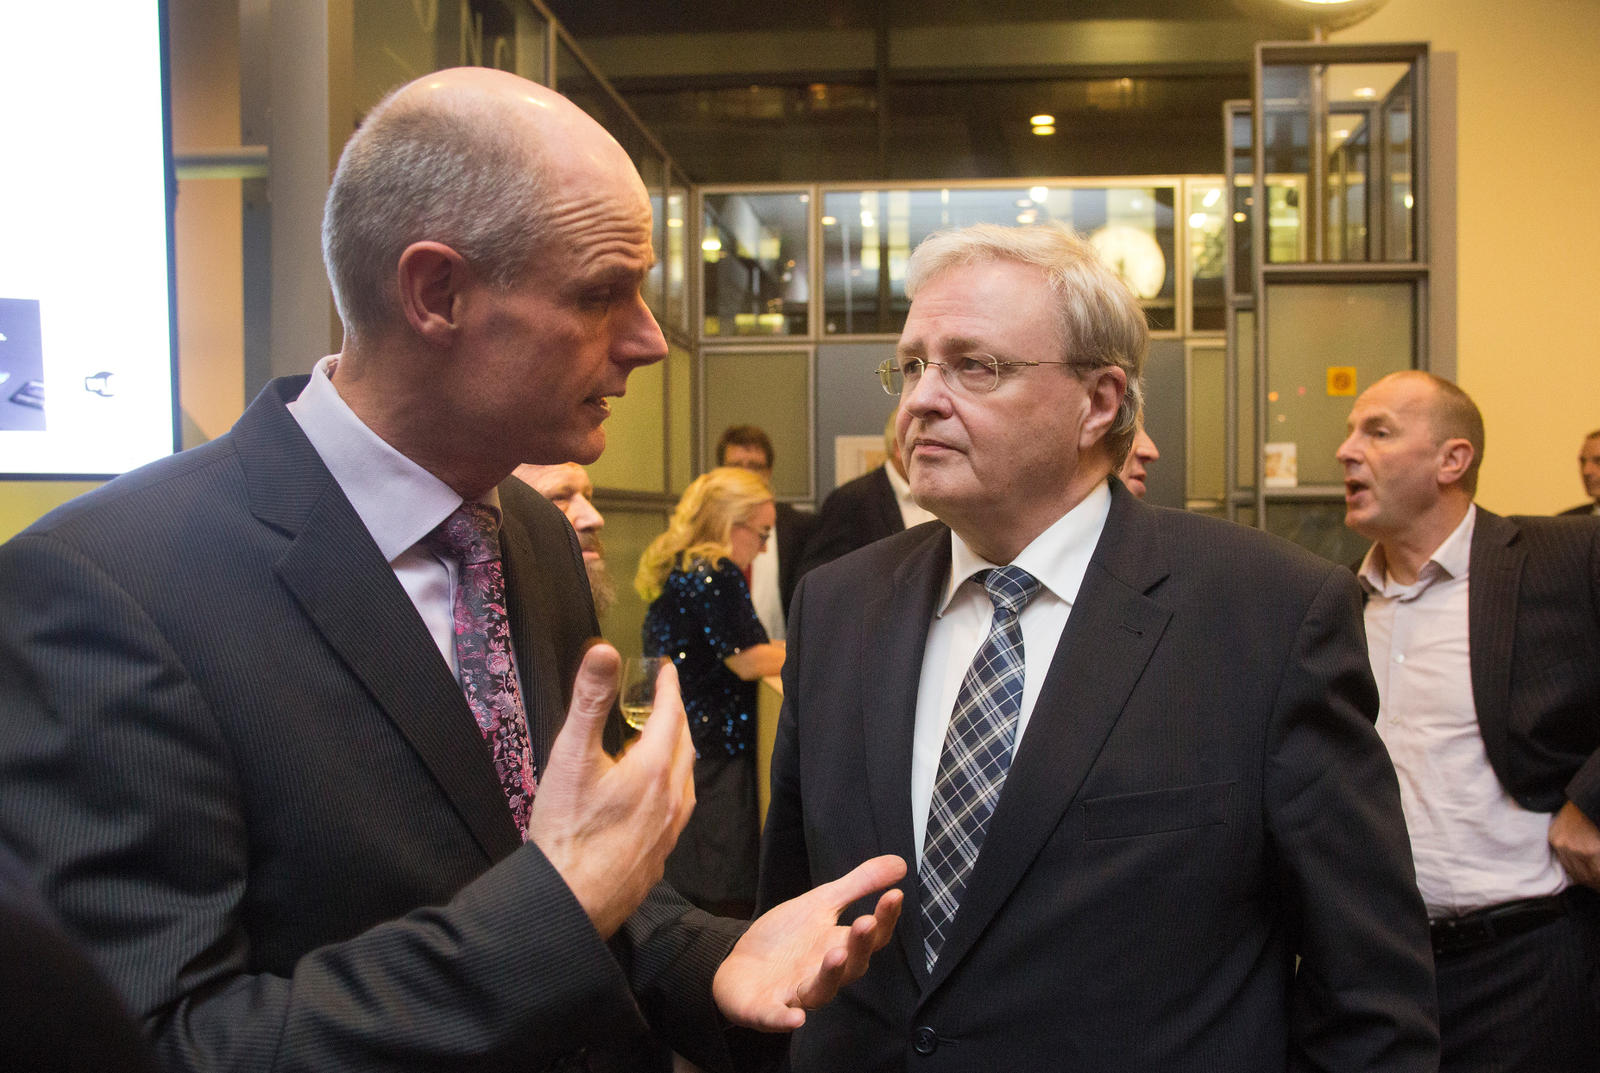 Minister Stef Blok van Wonen en Rijksdienst in gesprek met Michaël van Straalen (voorzitter van MKB-Nederland)